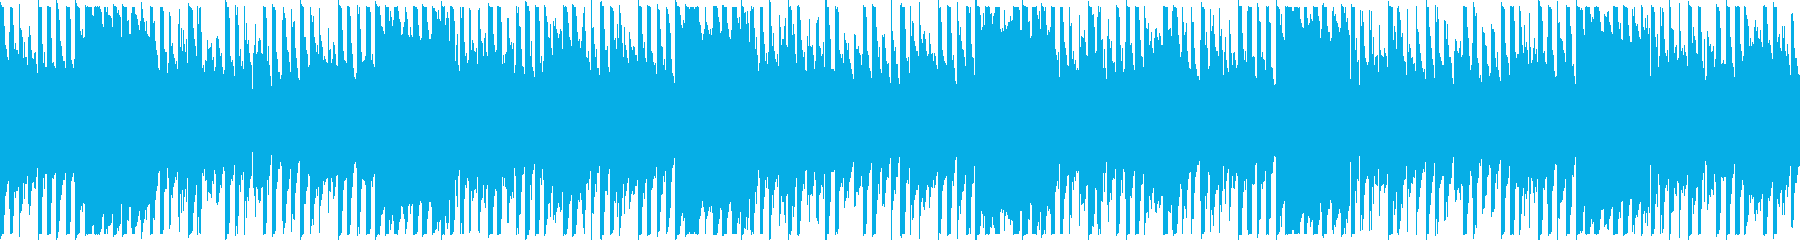 教育コンテンツ向け_08(ループ)の再生済みの波形